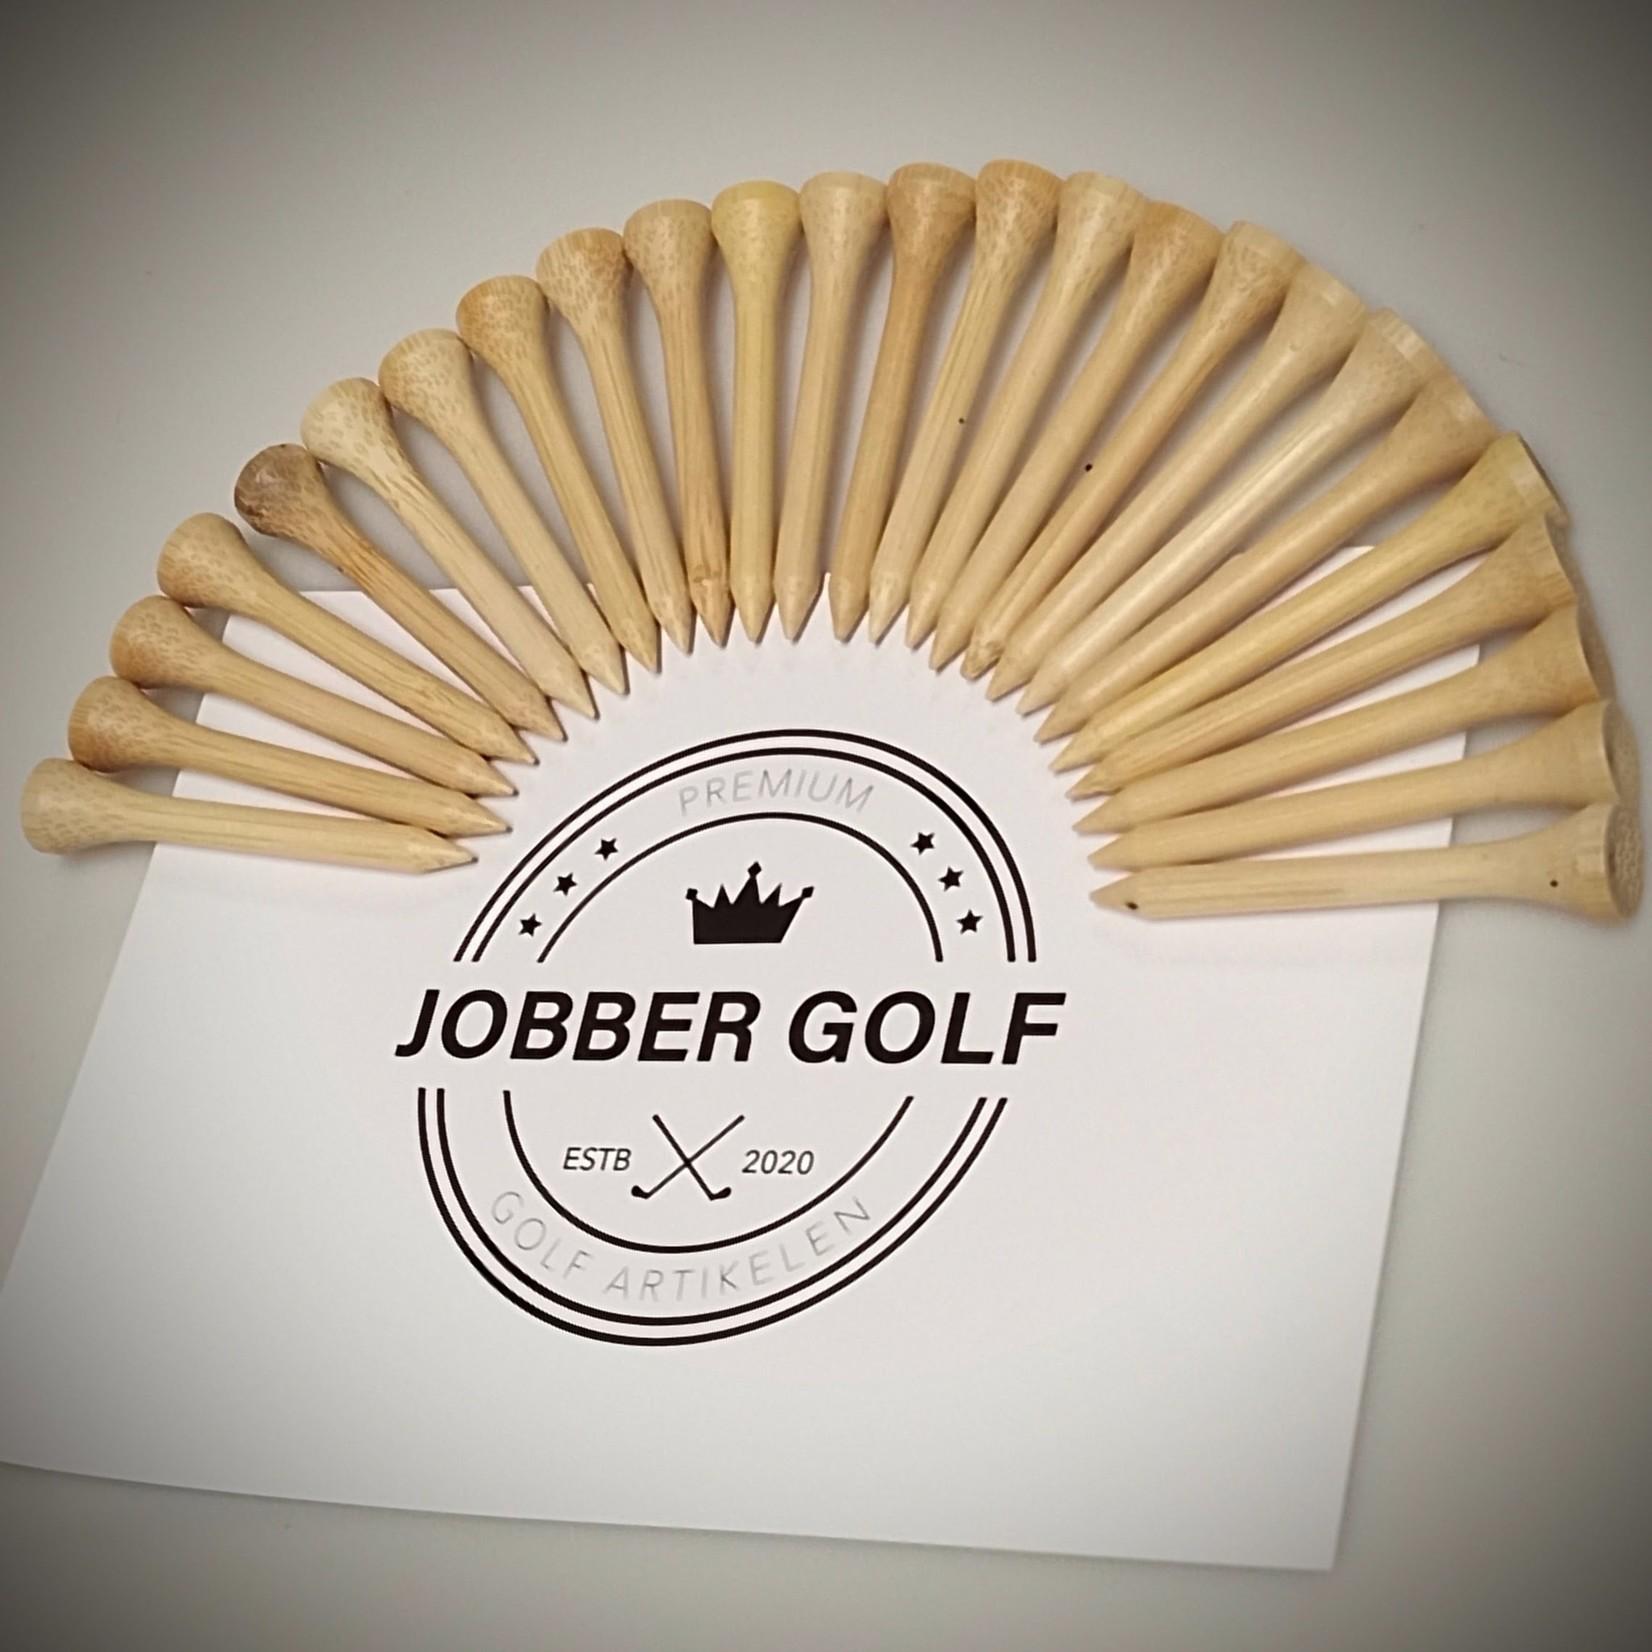 Jobber Golf Jobber Golf - Bamboe golf tees 54 mm  (24 stuks)